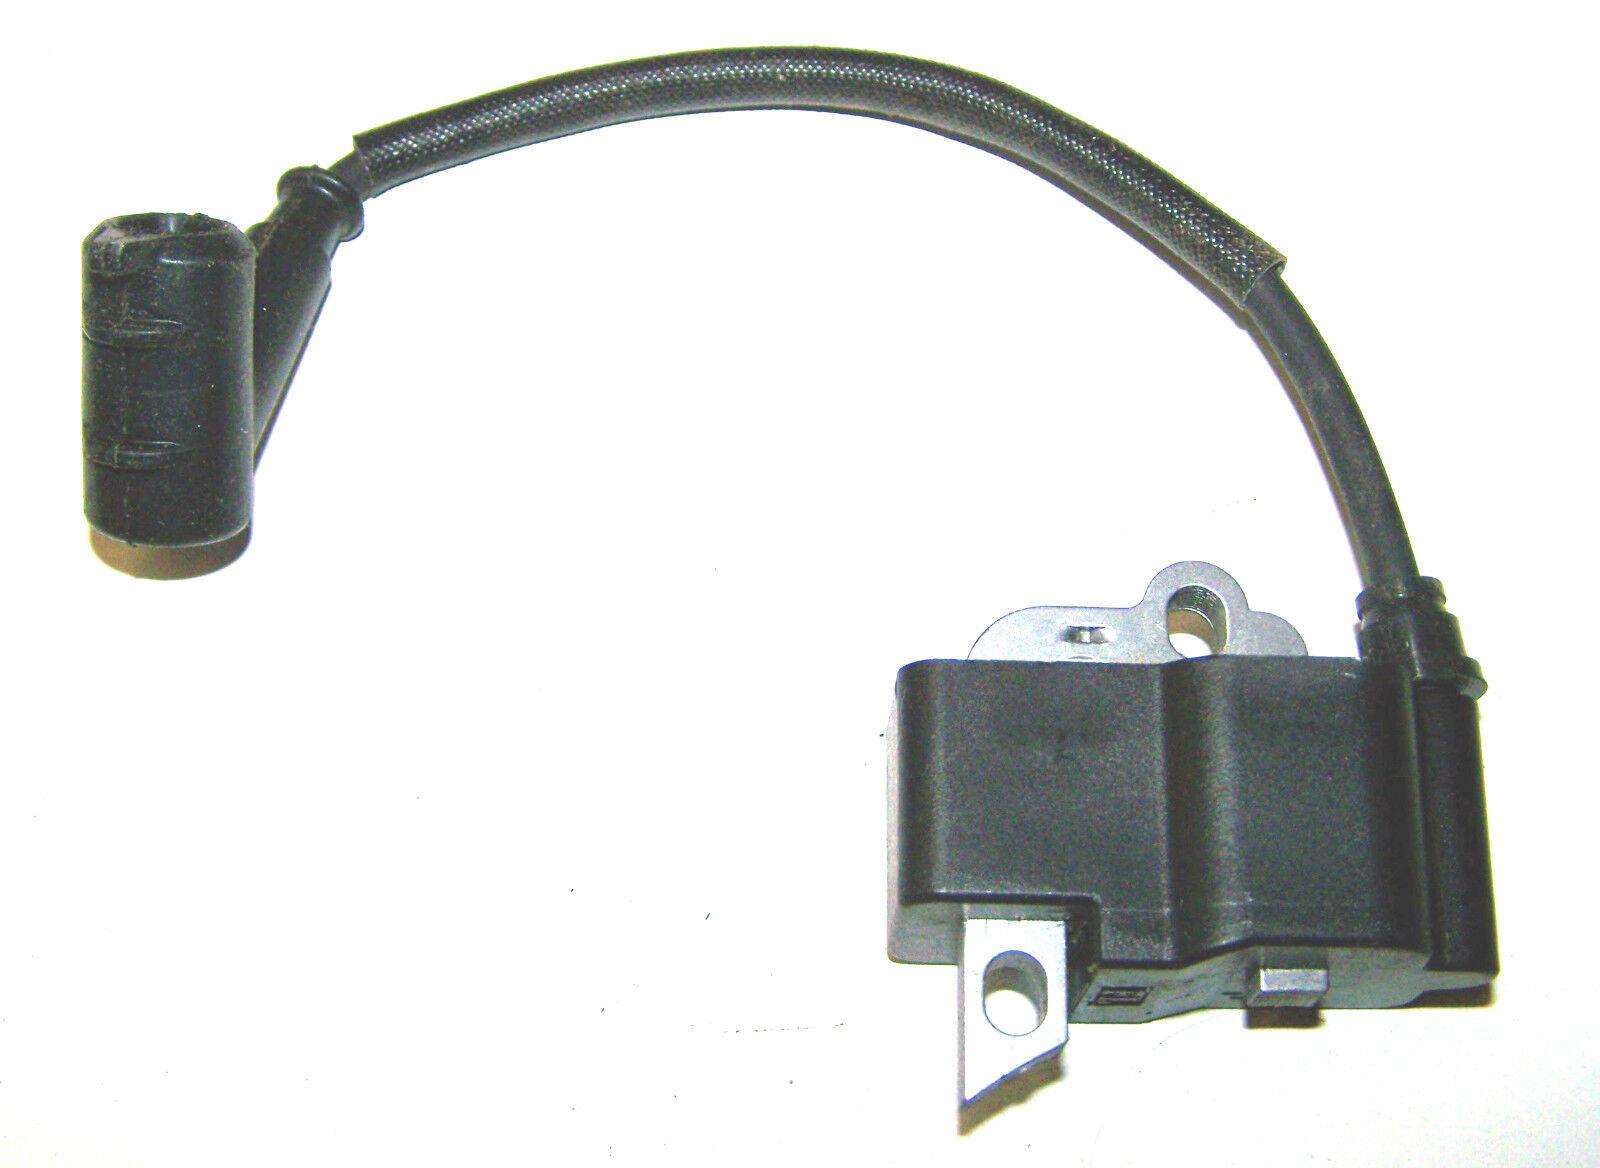 Kompatibel Stihl MS261 MS261C Zündspule Neu 1141 400 400 400 1302 a89cb6